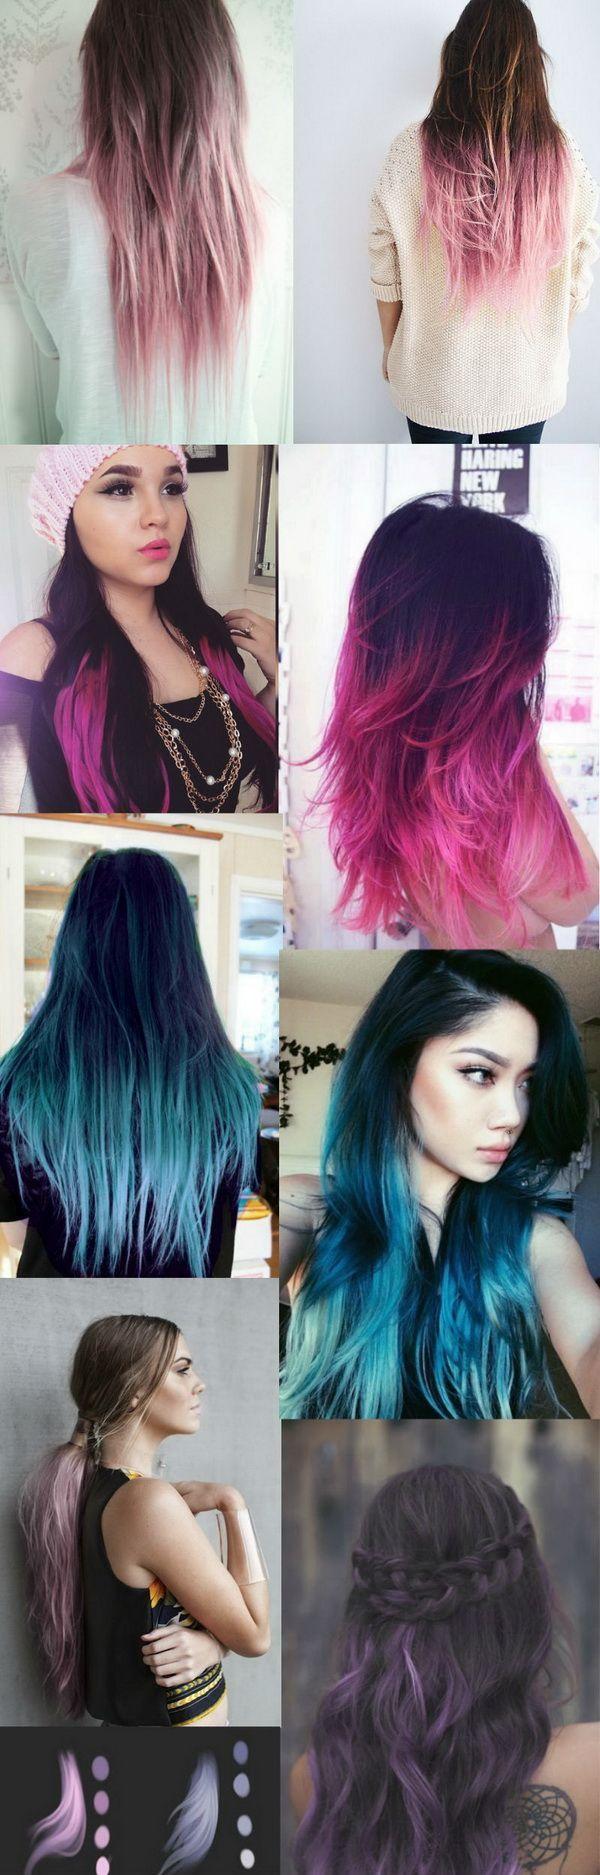 best Hurr images on Pinterest  Cabello de colores Colourful